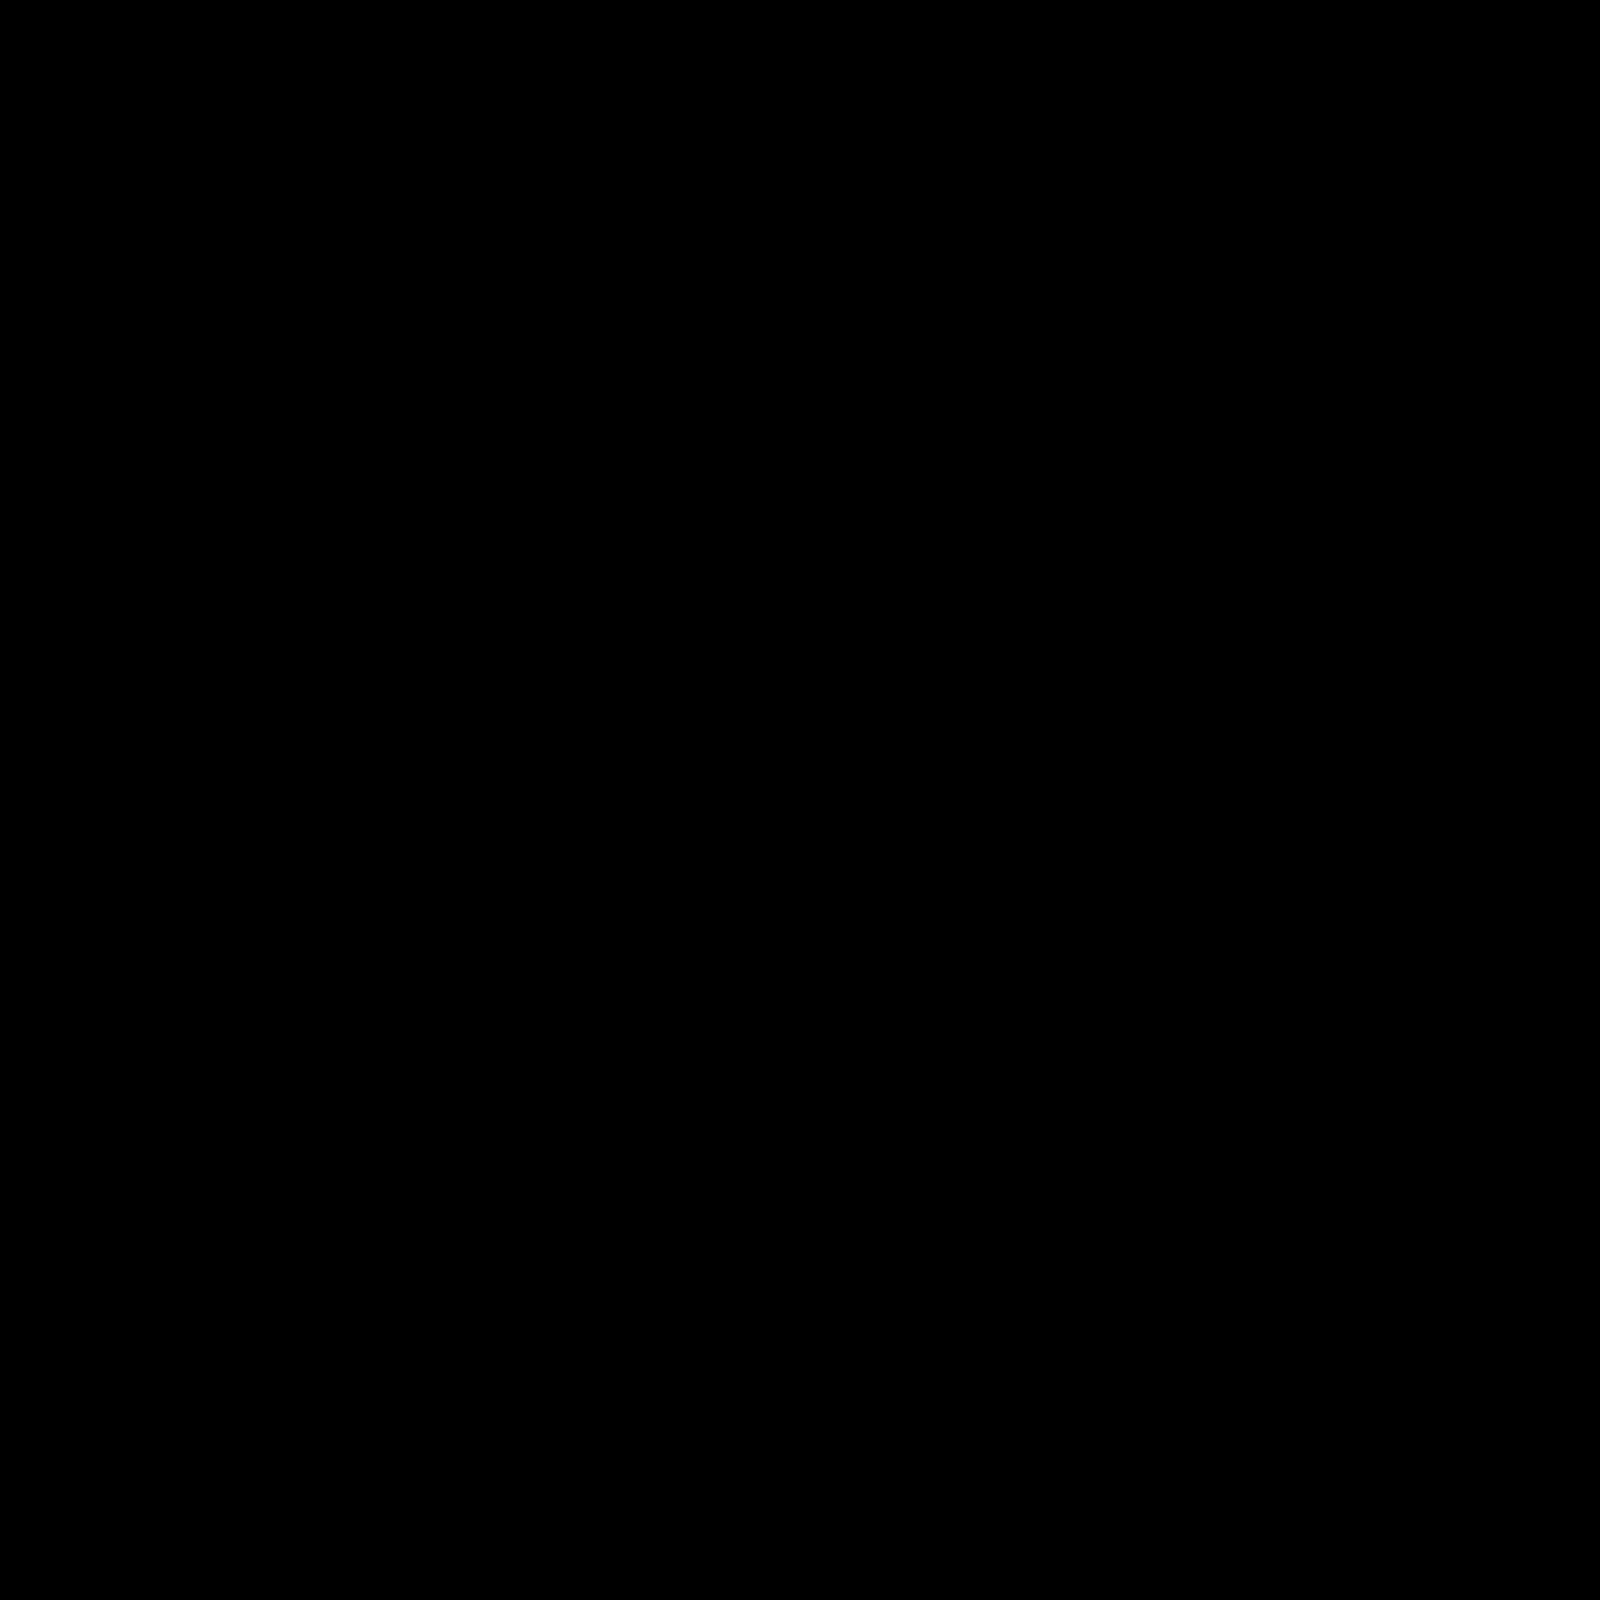 顶部对齐 icon